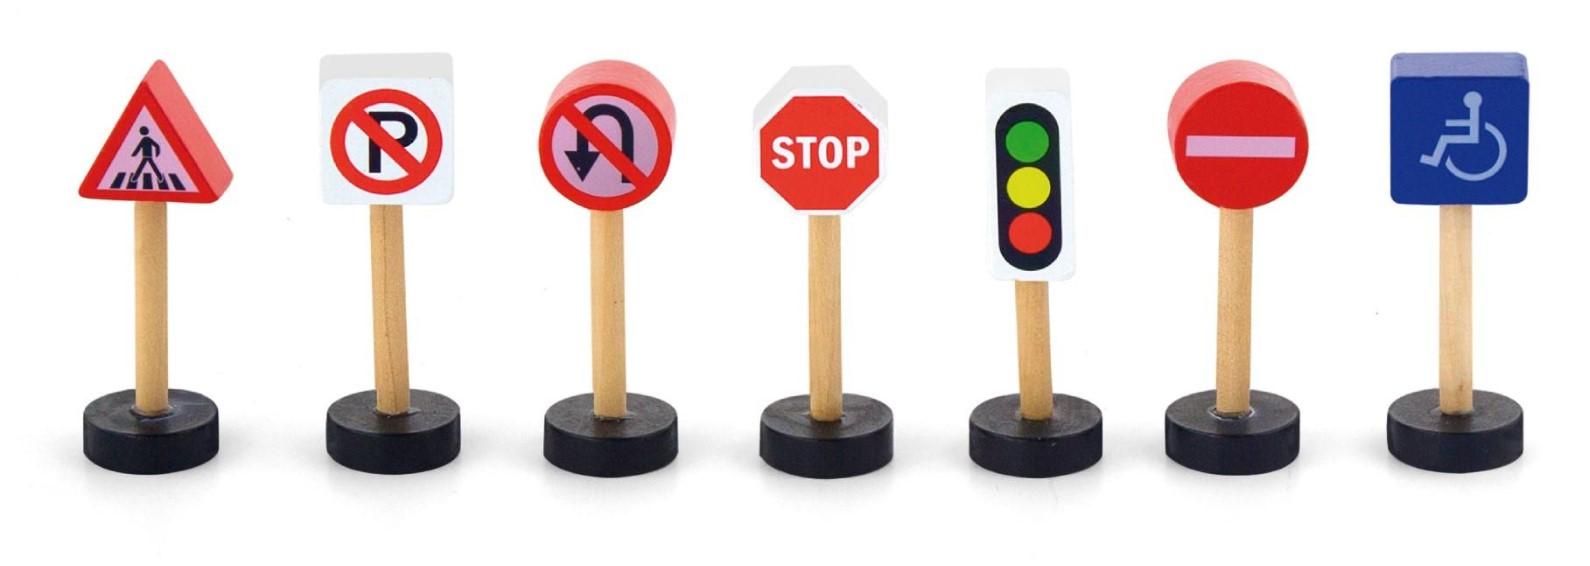 Viga Wooden traffic signs